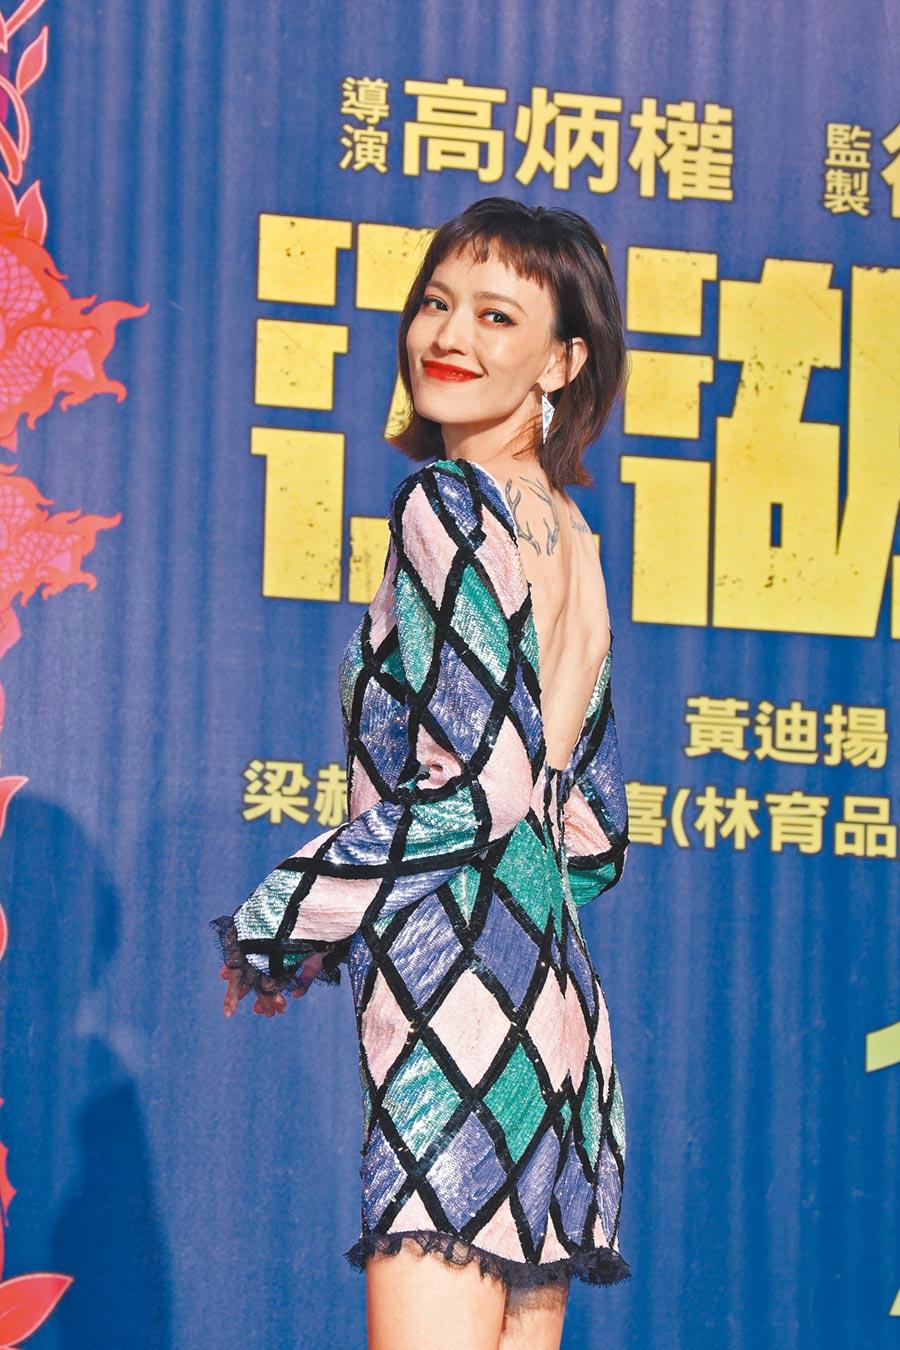 姚以緹宣傳《江湖無難事》造型甜美不失辣度,Blumarine菱格亮片洋裝17萬7000元。(CFP)